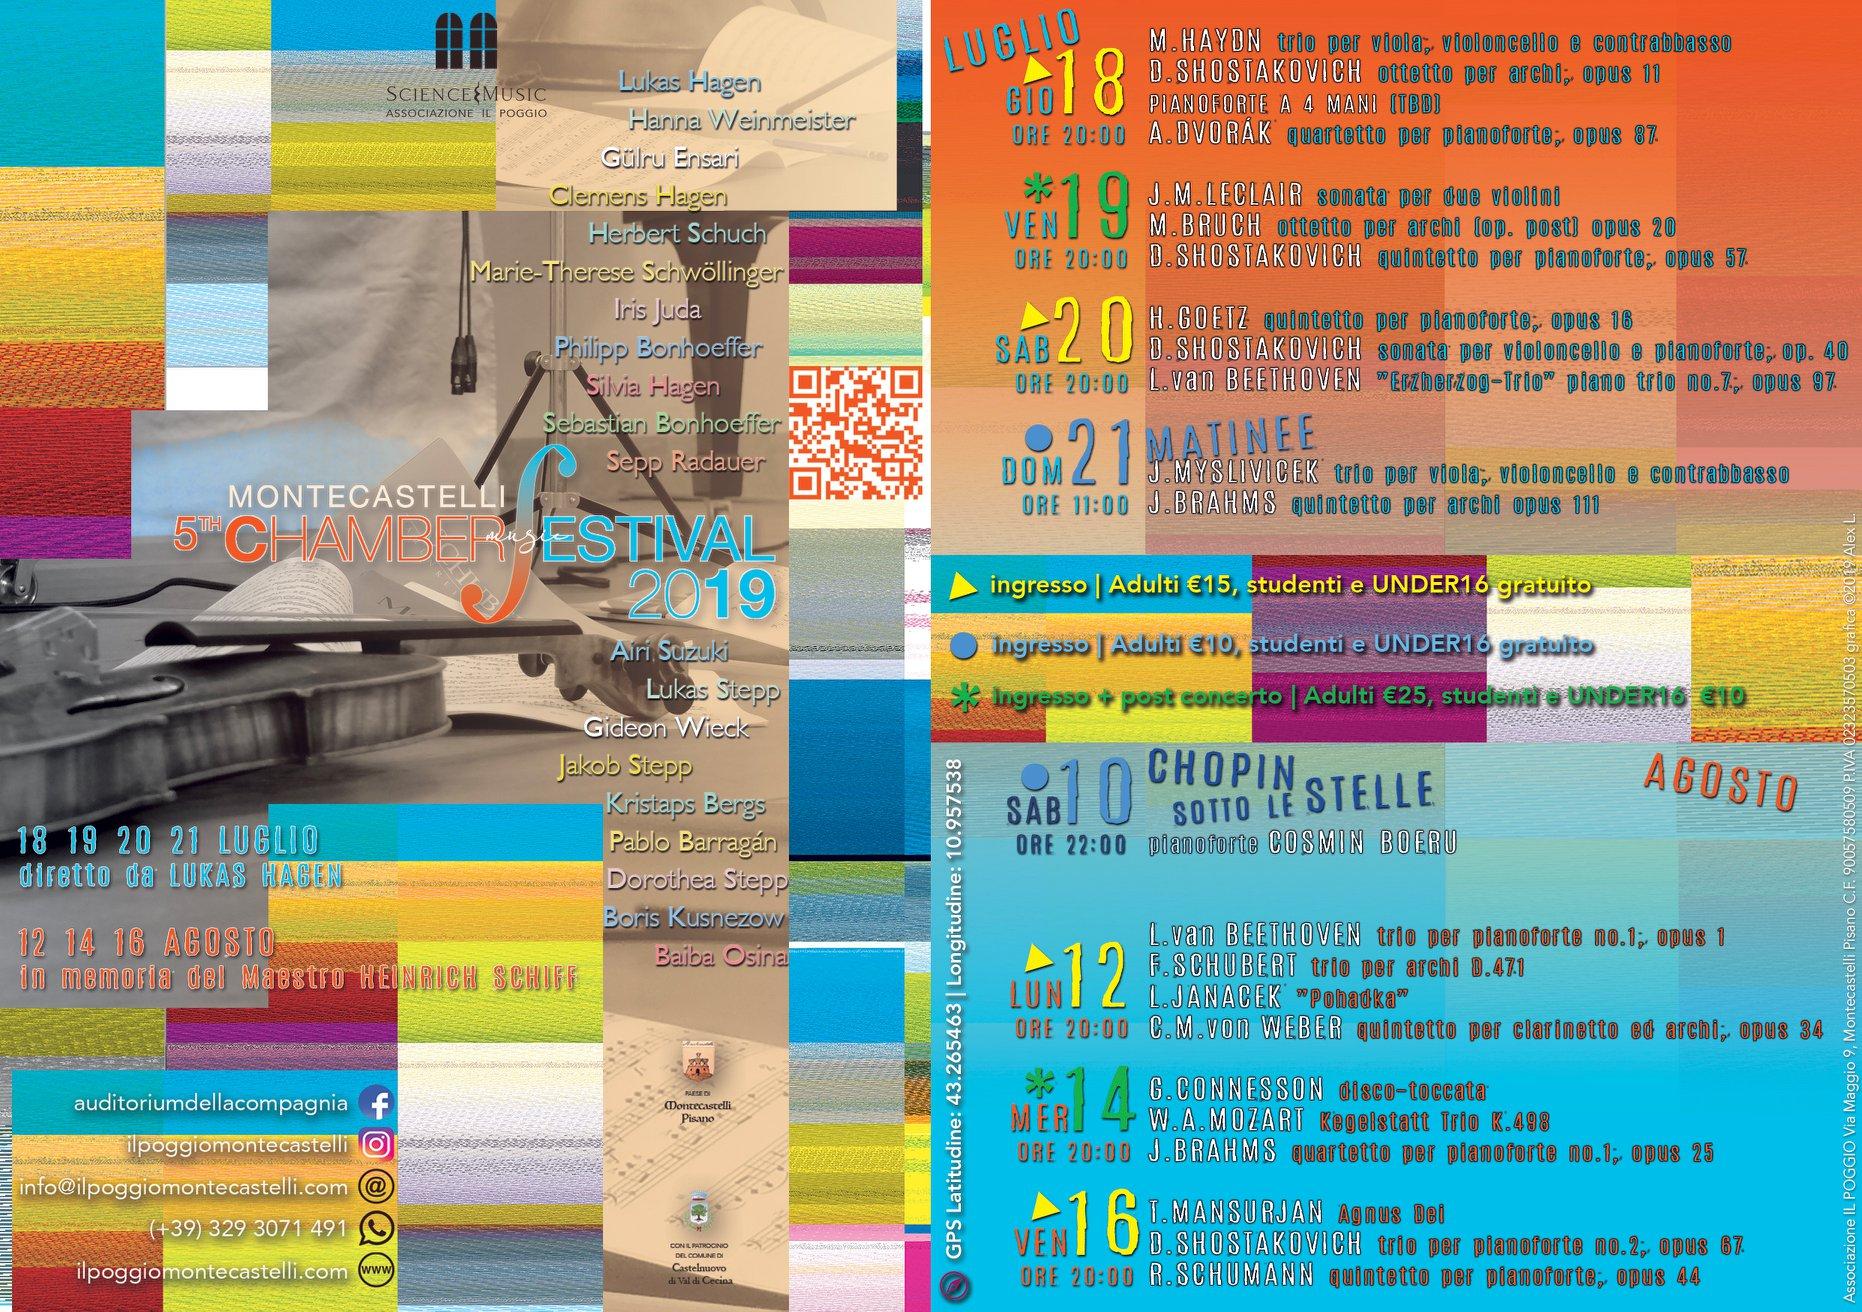 Montecastelli Chamber Festival, 6° edizione – sessione agosto